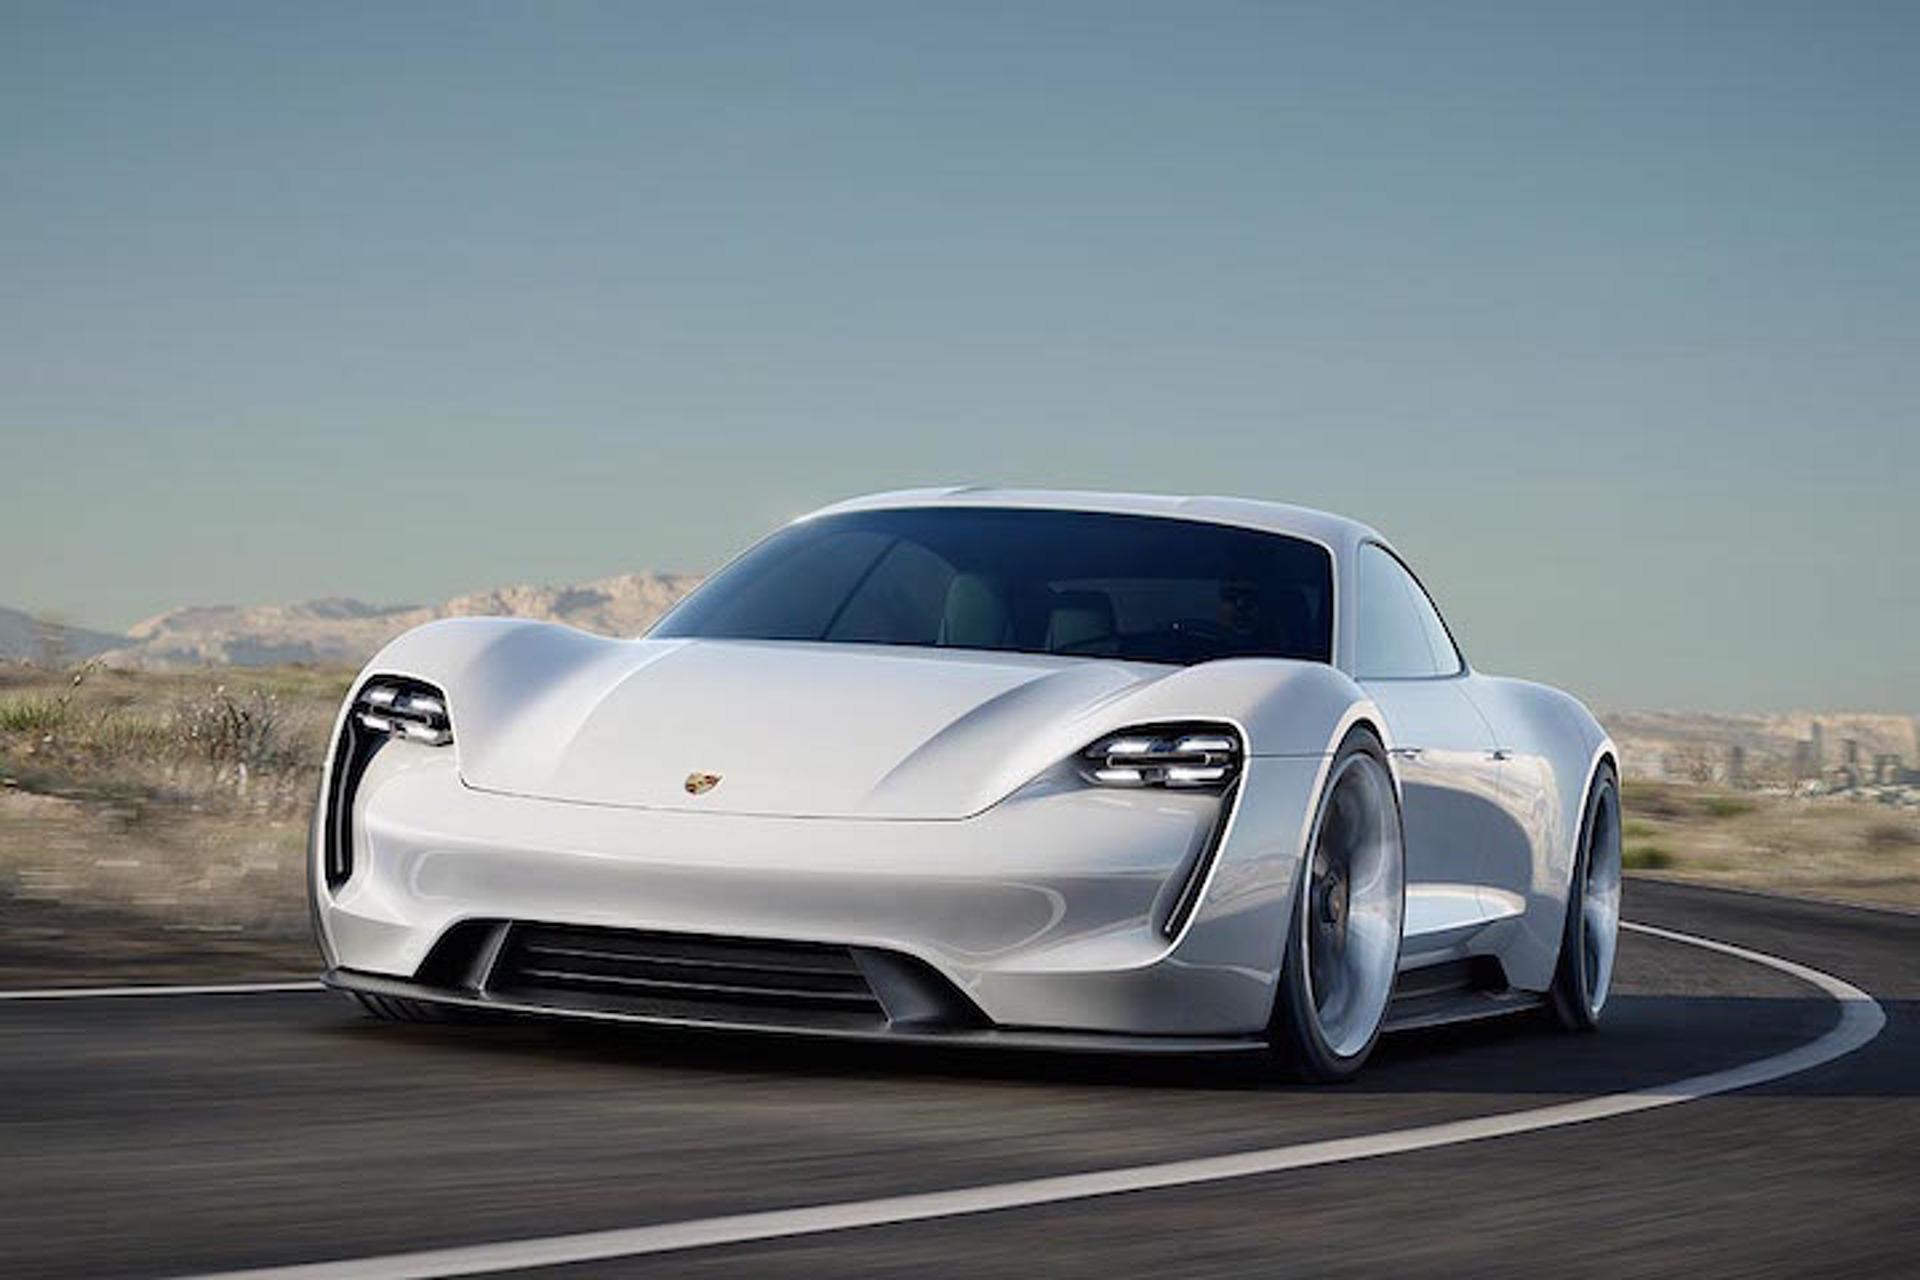 Porsche's 600-HP Mission E Electric Sedan is Efficient, Beautiful